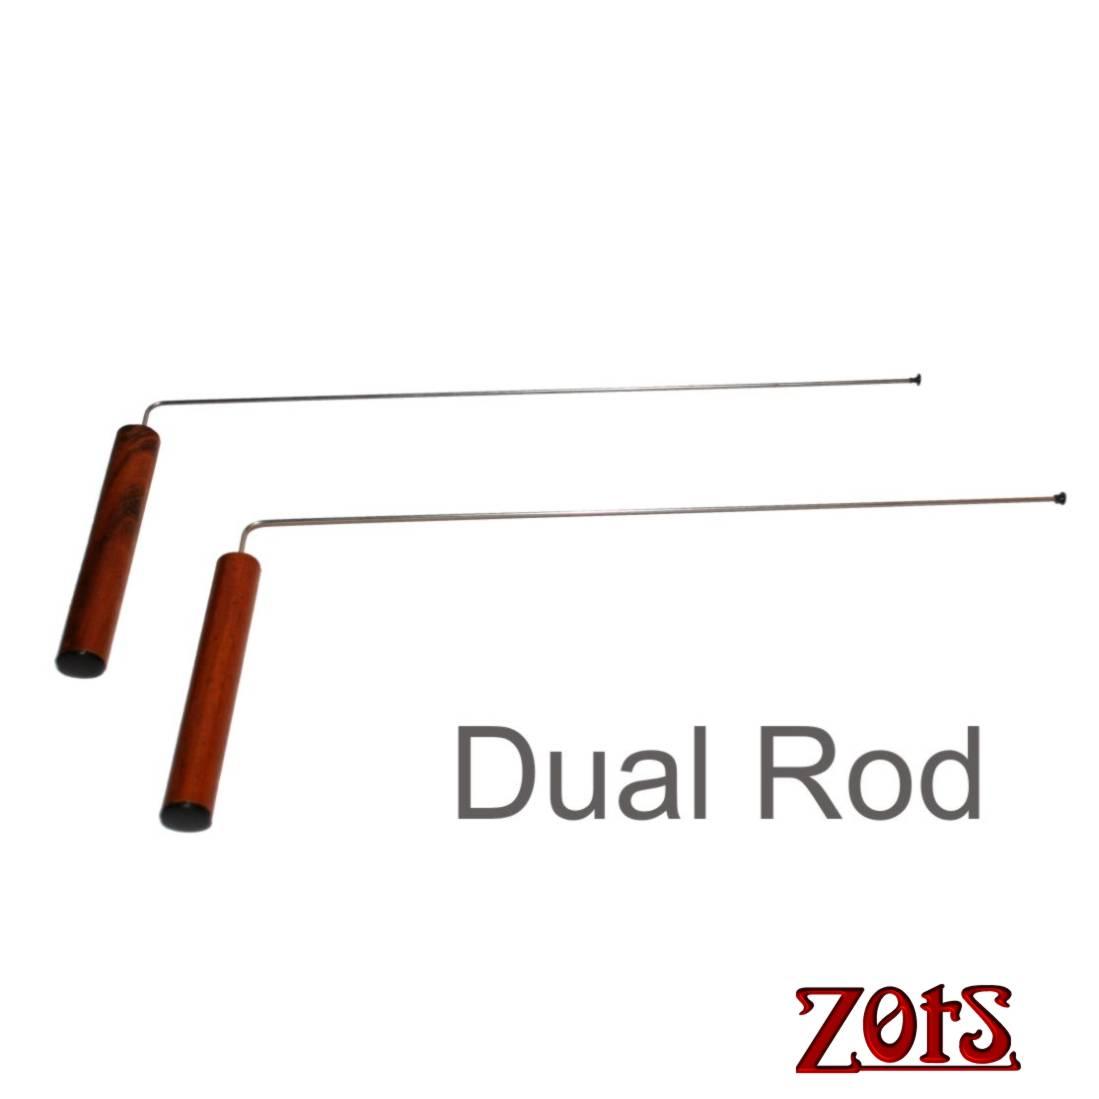 Dual Rod  -  Zots